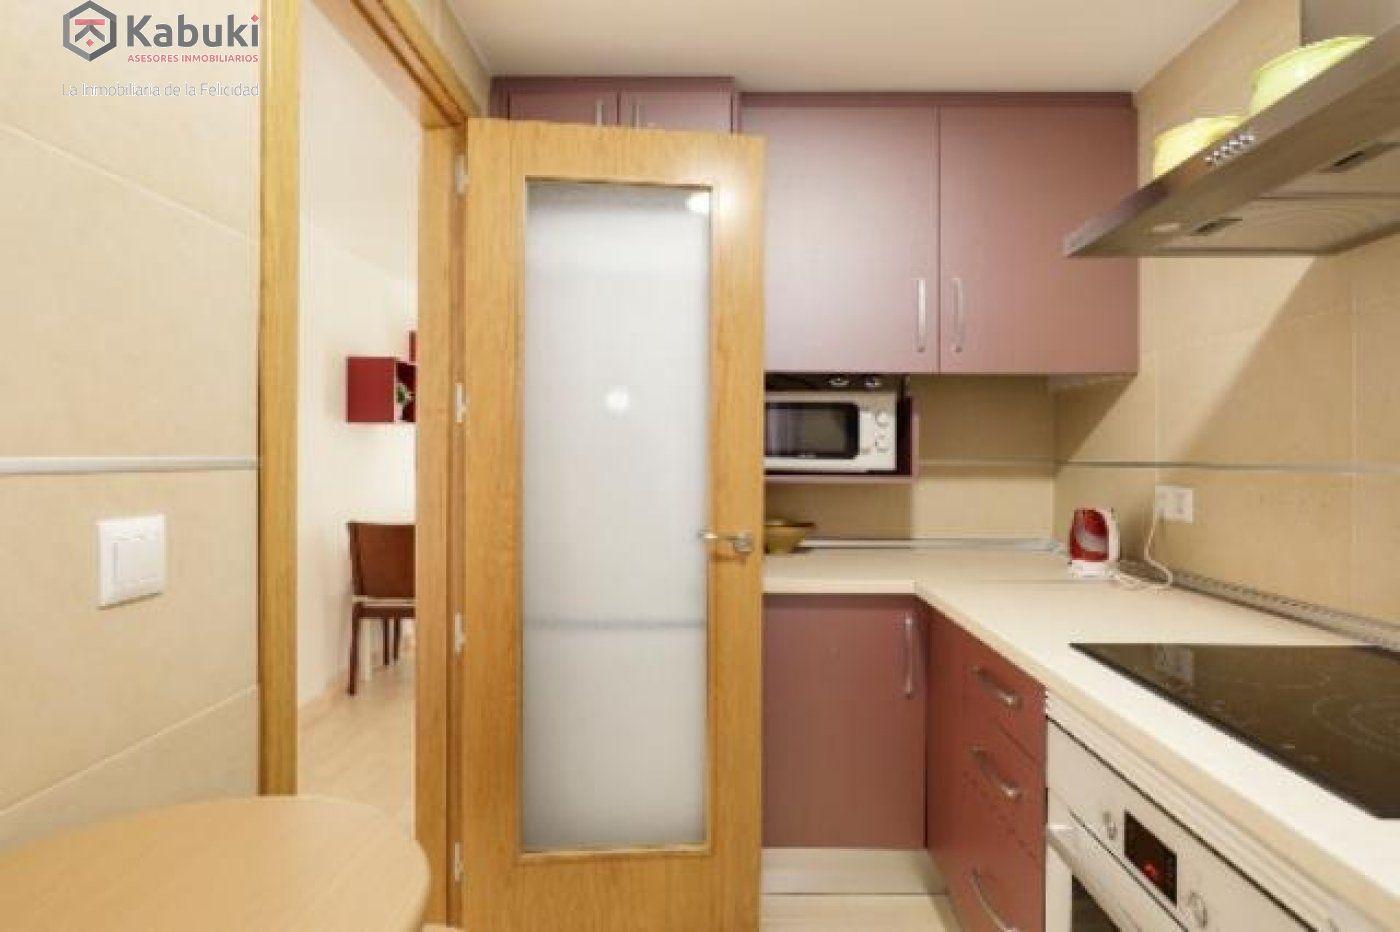 Coqueto y luminoso apartamento en un entorno privilegiado junto a los cahorros - imagenInmueble11